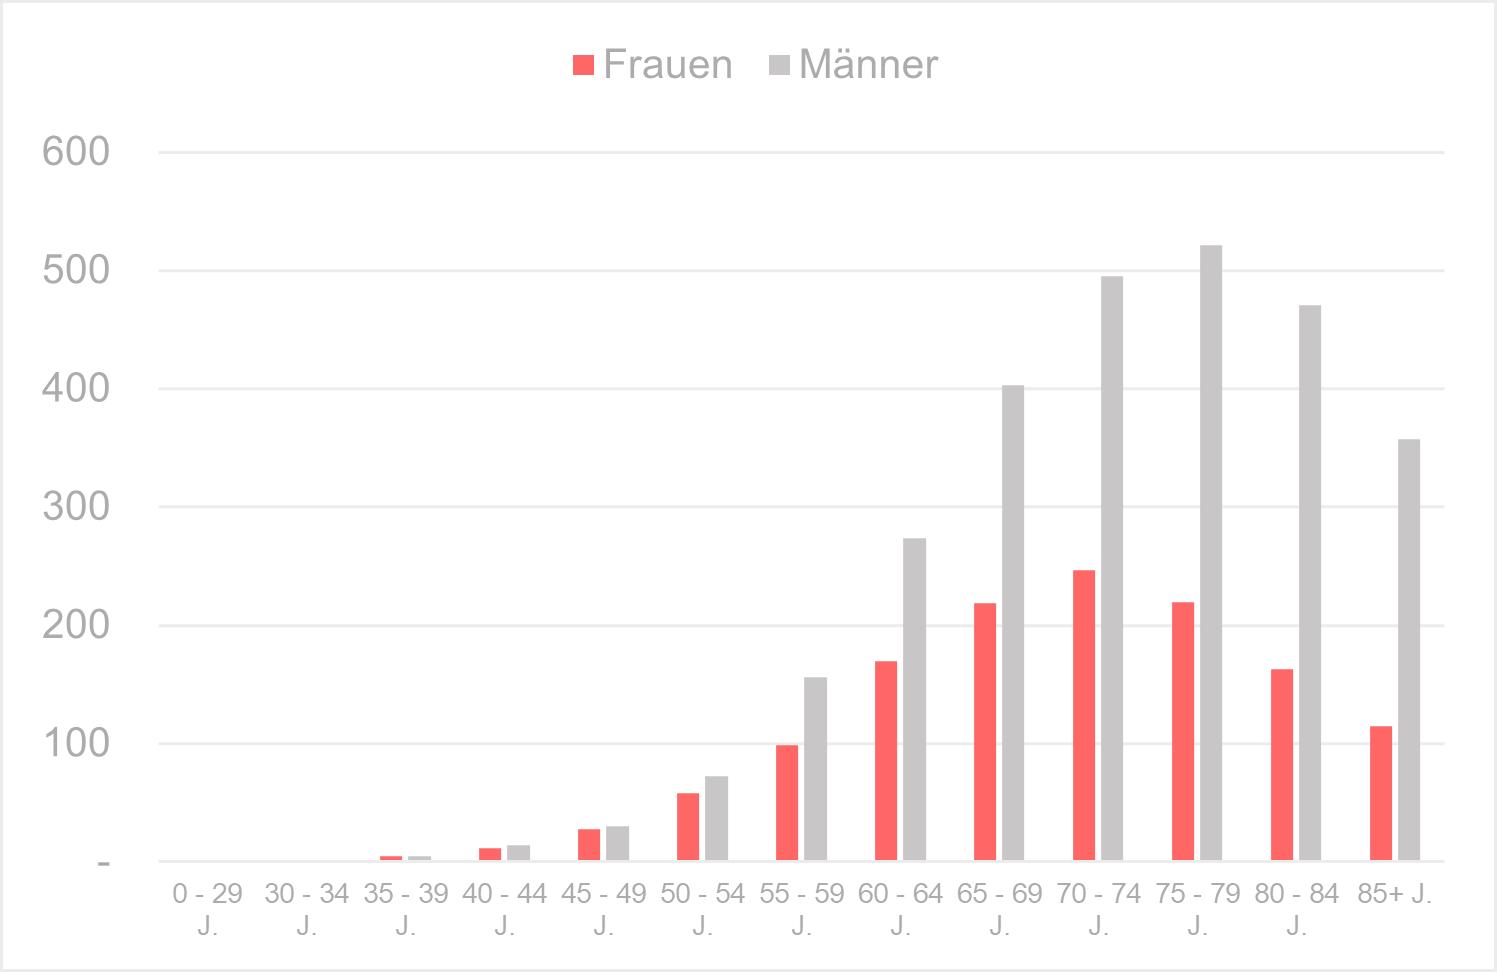 Geschätzte Inzidenz des Lungenkrebses (ICD 10: C33-C34) in Deutschland– Altersstandardisierte Raten (alter Europastandard) 3